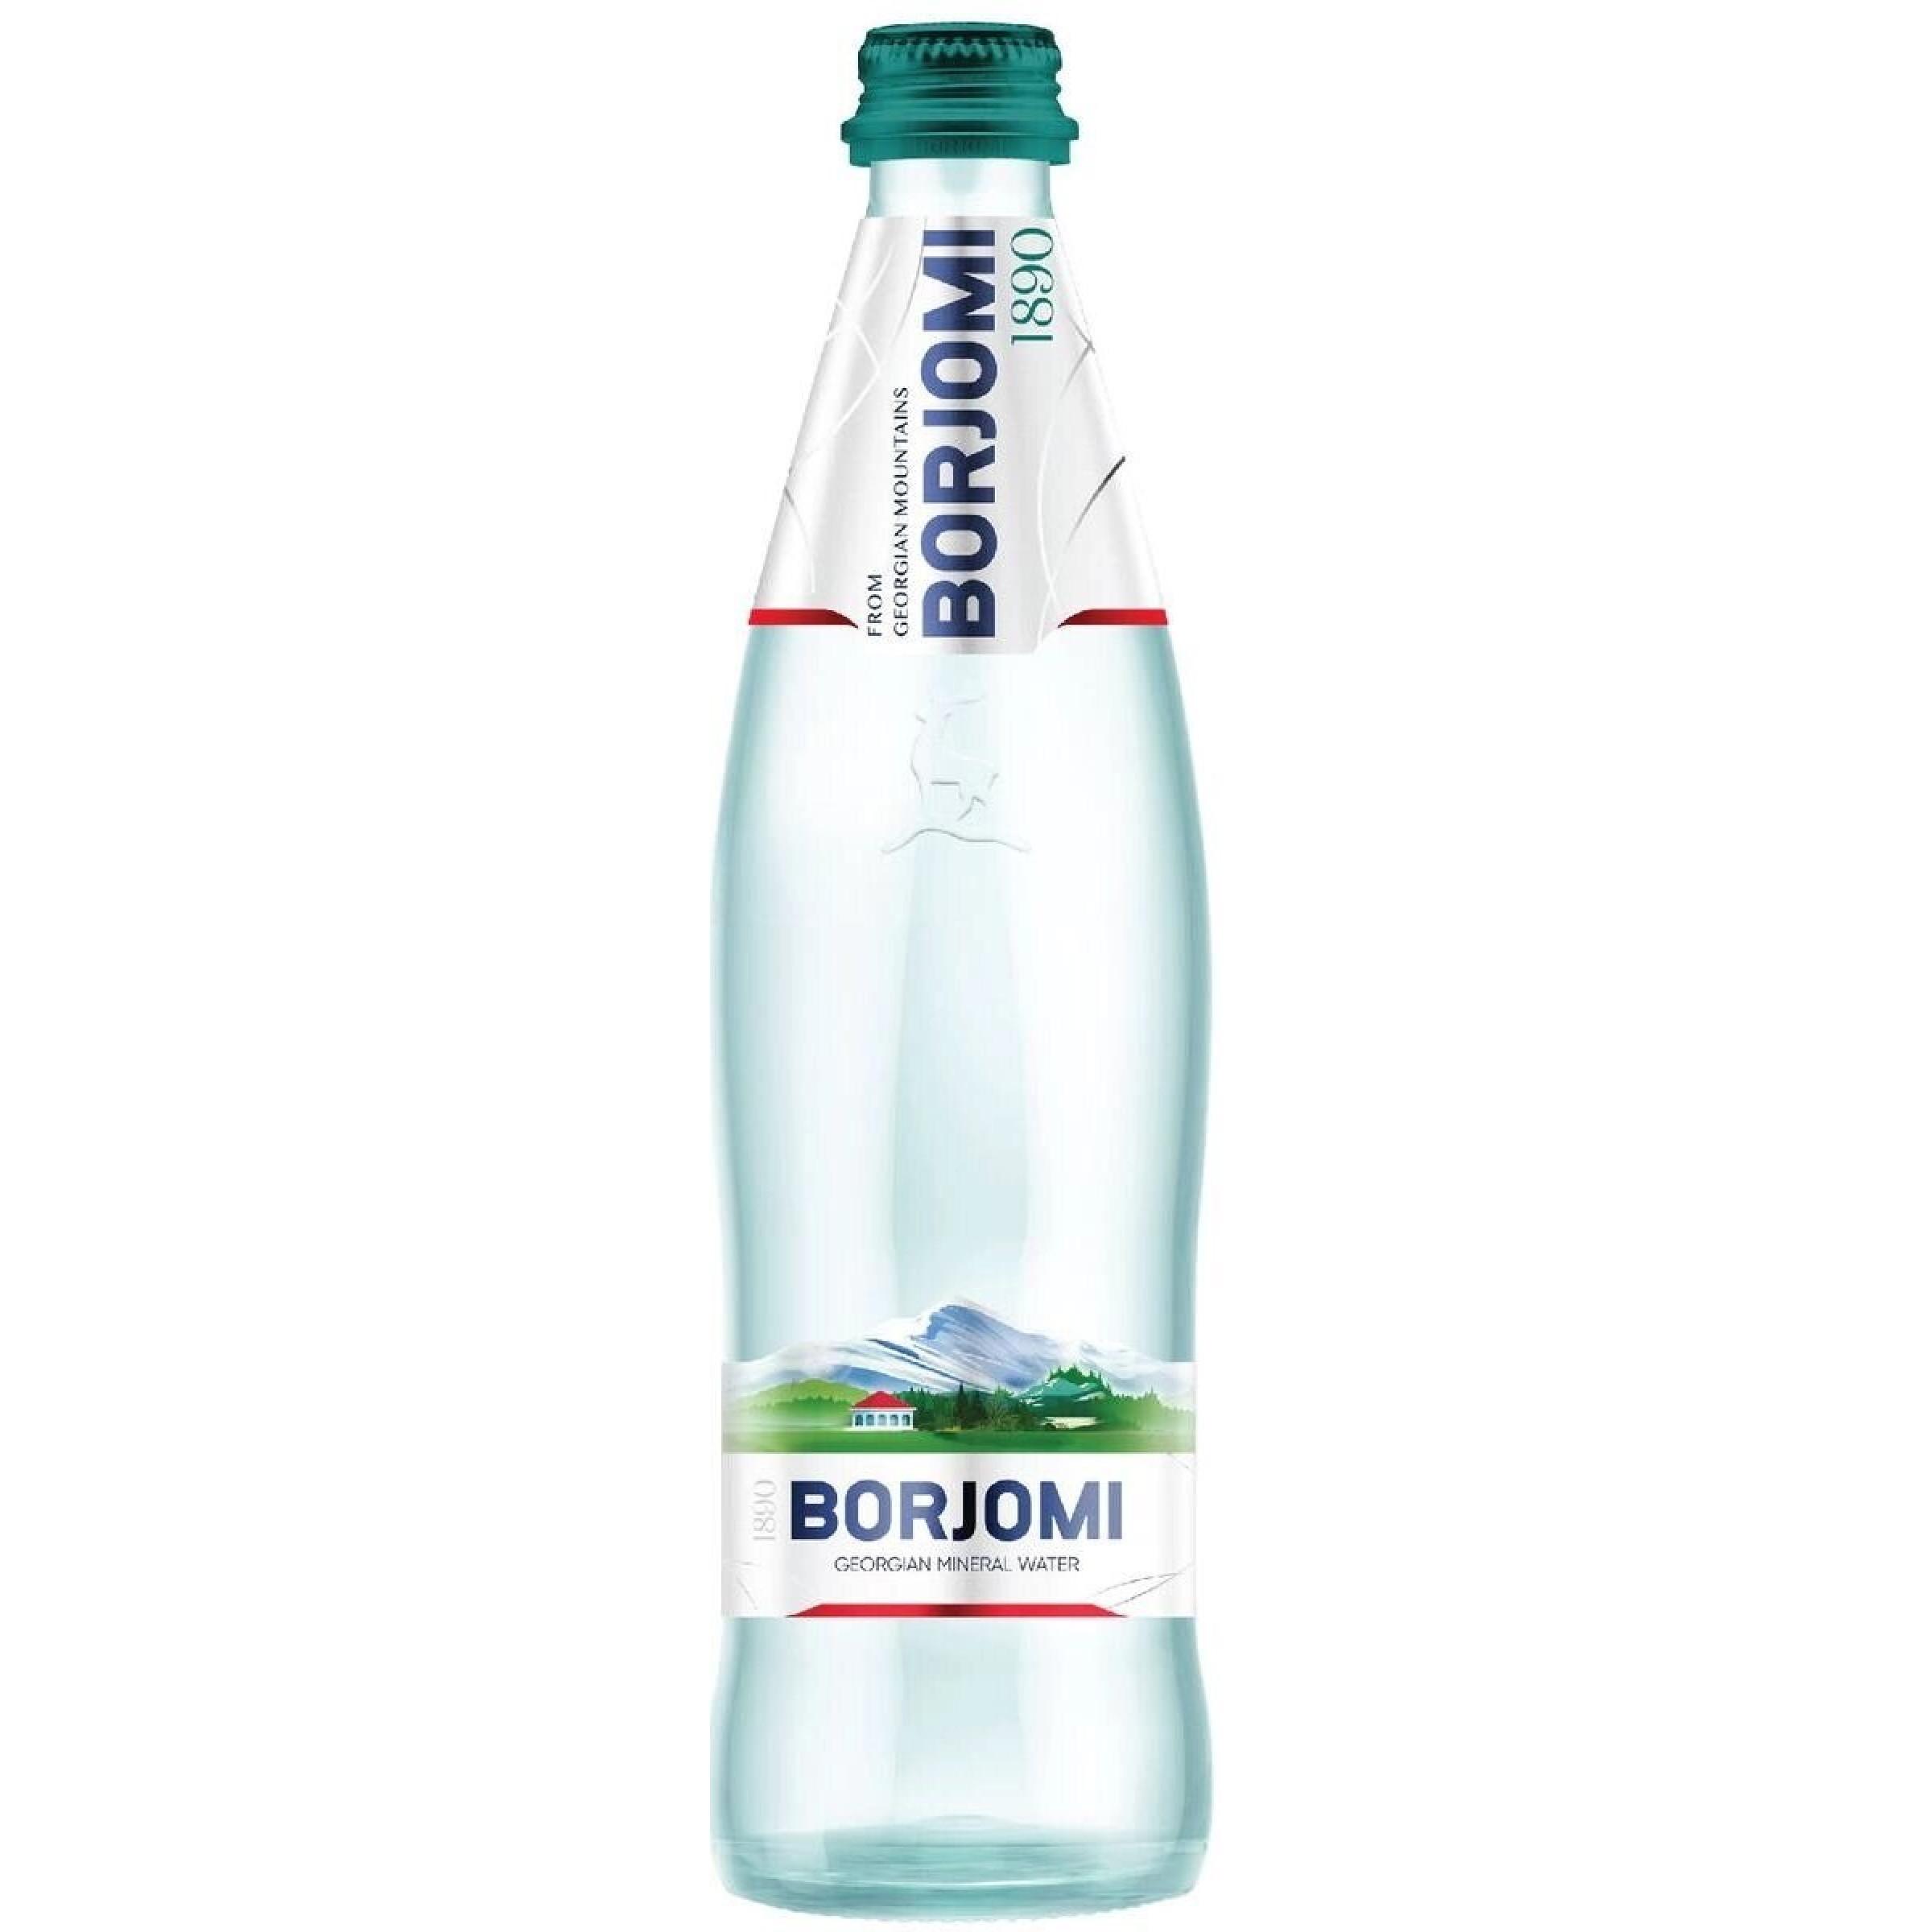 Вода минеральная газированная Боржоми, 500 мл